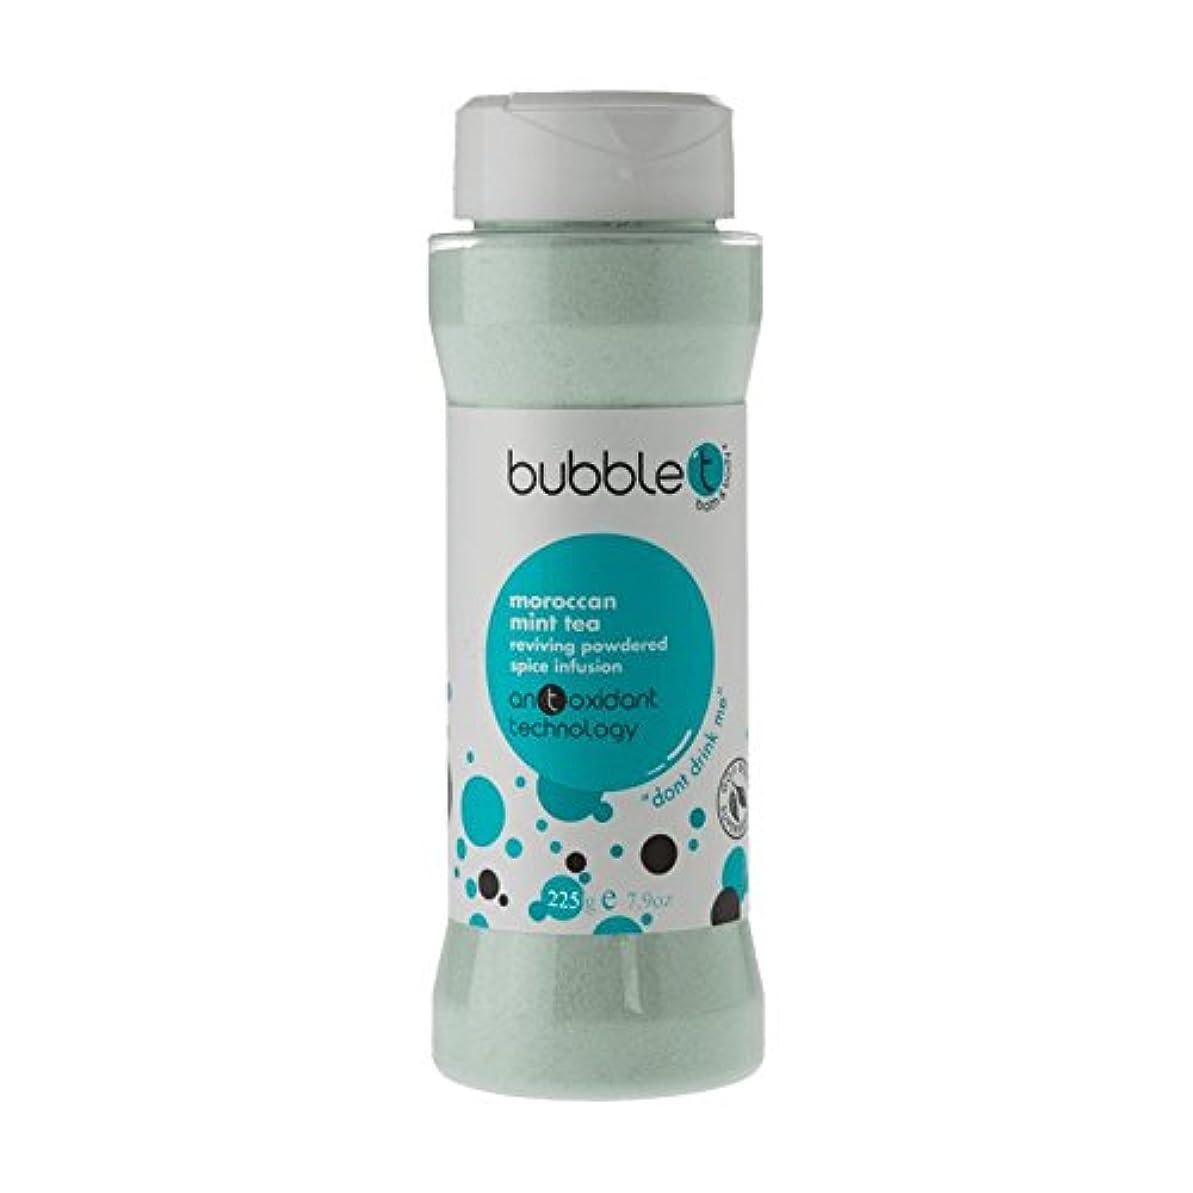 バウンス父方の有能なバブルトン風呂スパイス注入モロッコのミントティー225グラム - Bubble T Bath Spice Infusion Morrocan Mint Tea 225g (Bubble T) [並行輸入品]